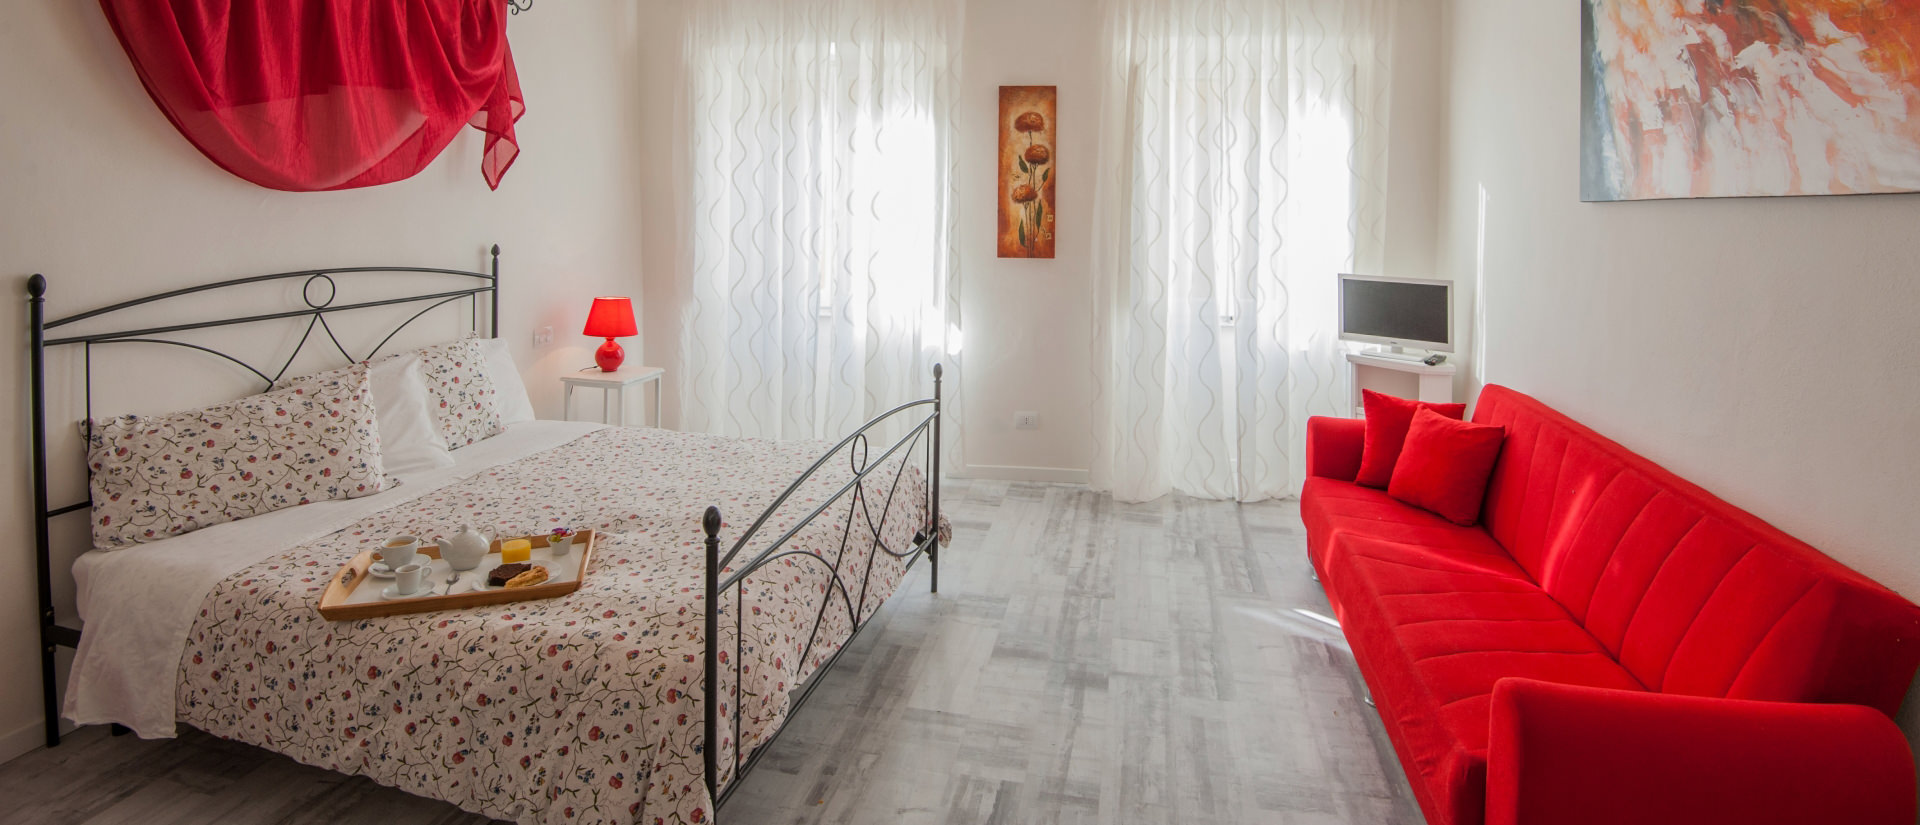 Bed and Breakfast Arezzo centro storico - B&B La Pieve